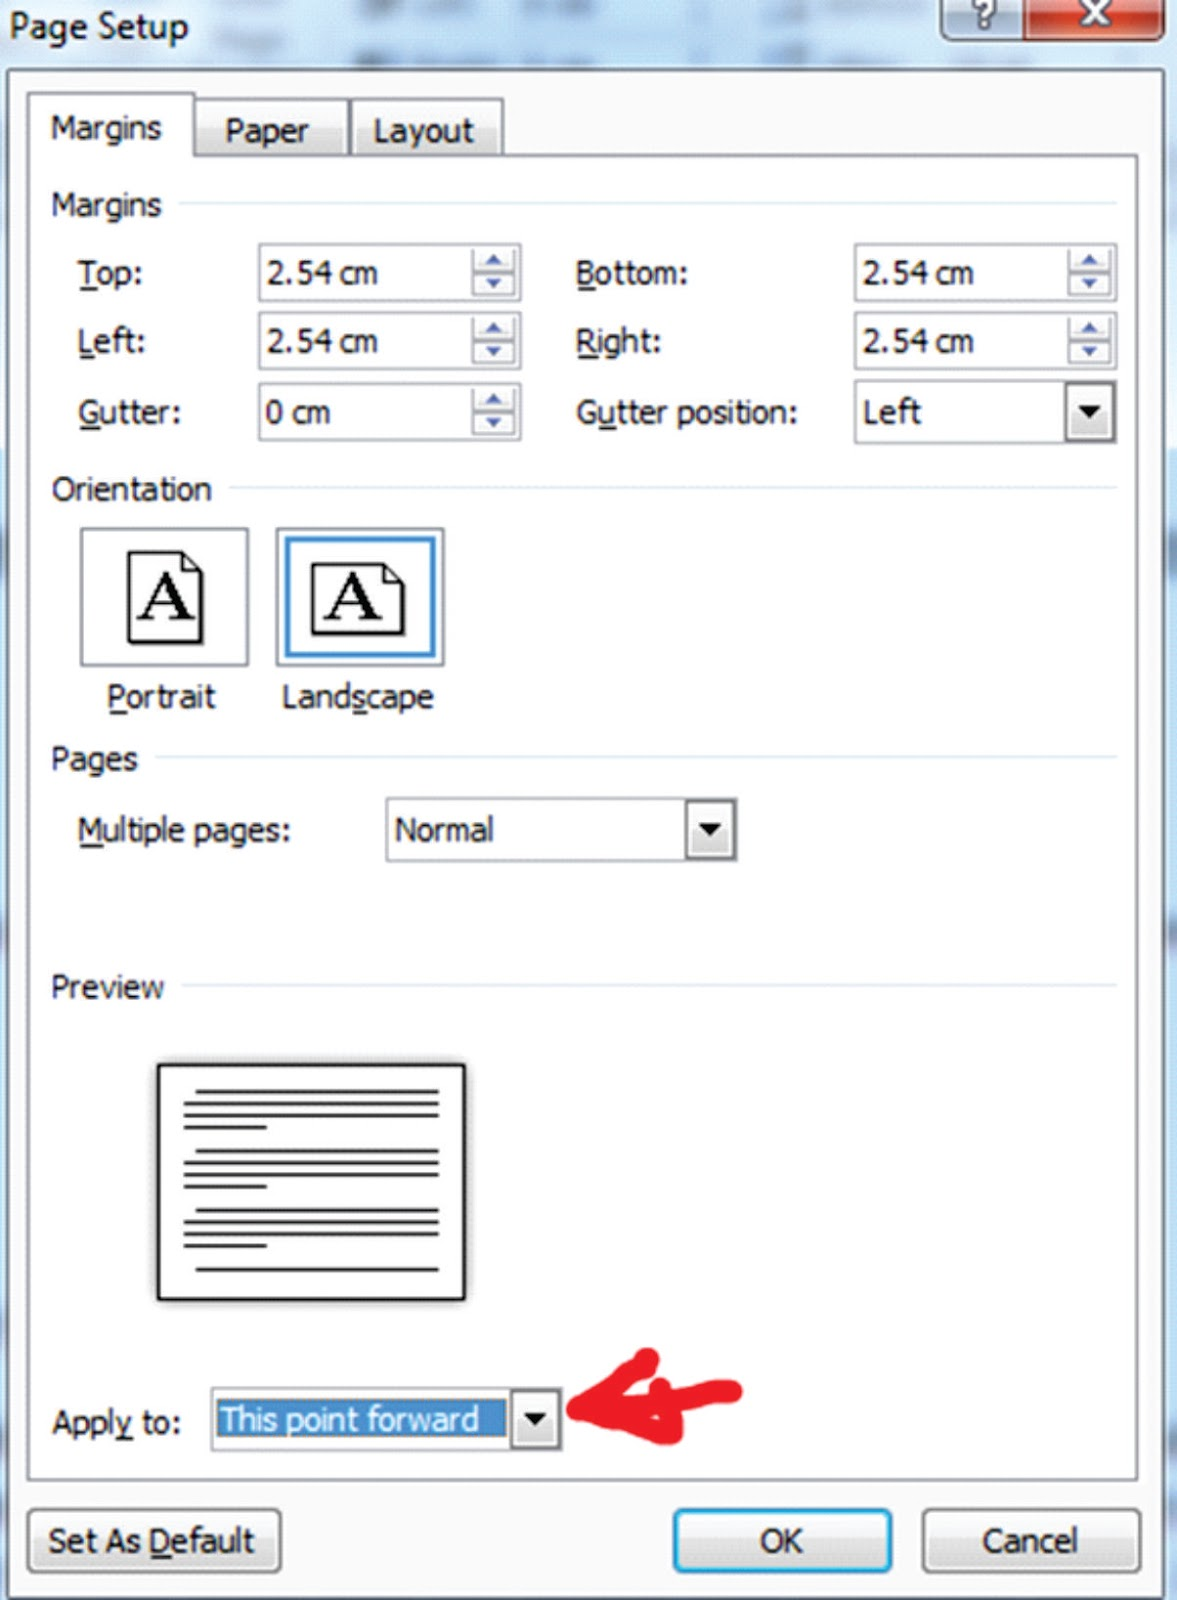 Cara Membuat Halaman Portrait Dan Landscape Dalam Satu Dokumen : membuat, halaman, portrait, landscape, dalam, dokumen, Membuat, Halaman, Portrait, Landscape, Dalam, Microsoft, Word?, Begini, Caranya!, Rudie